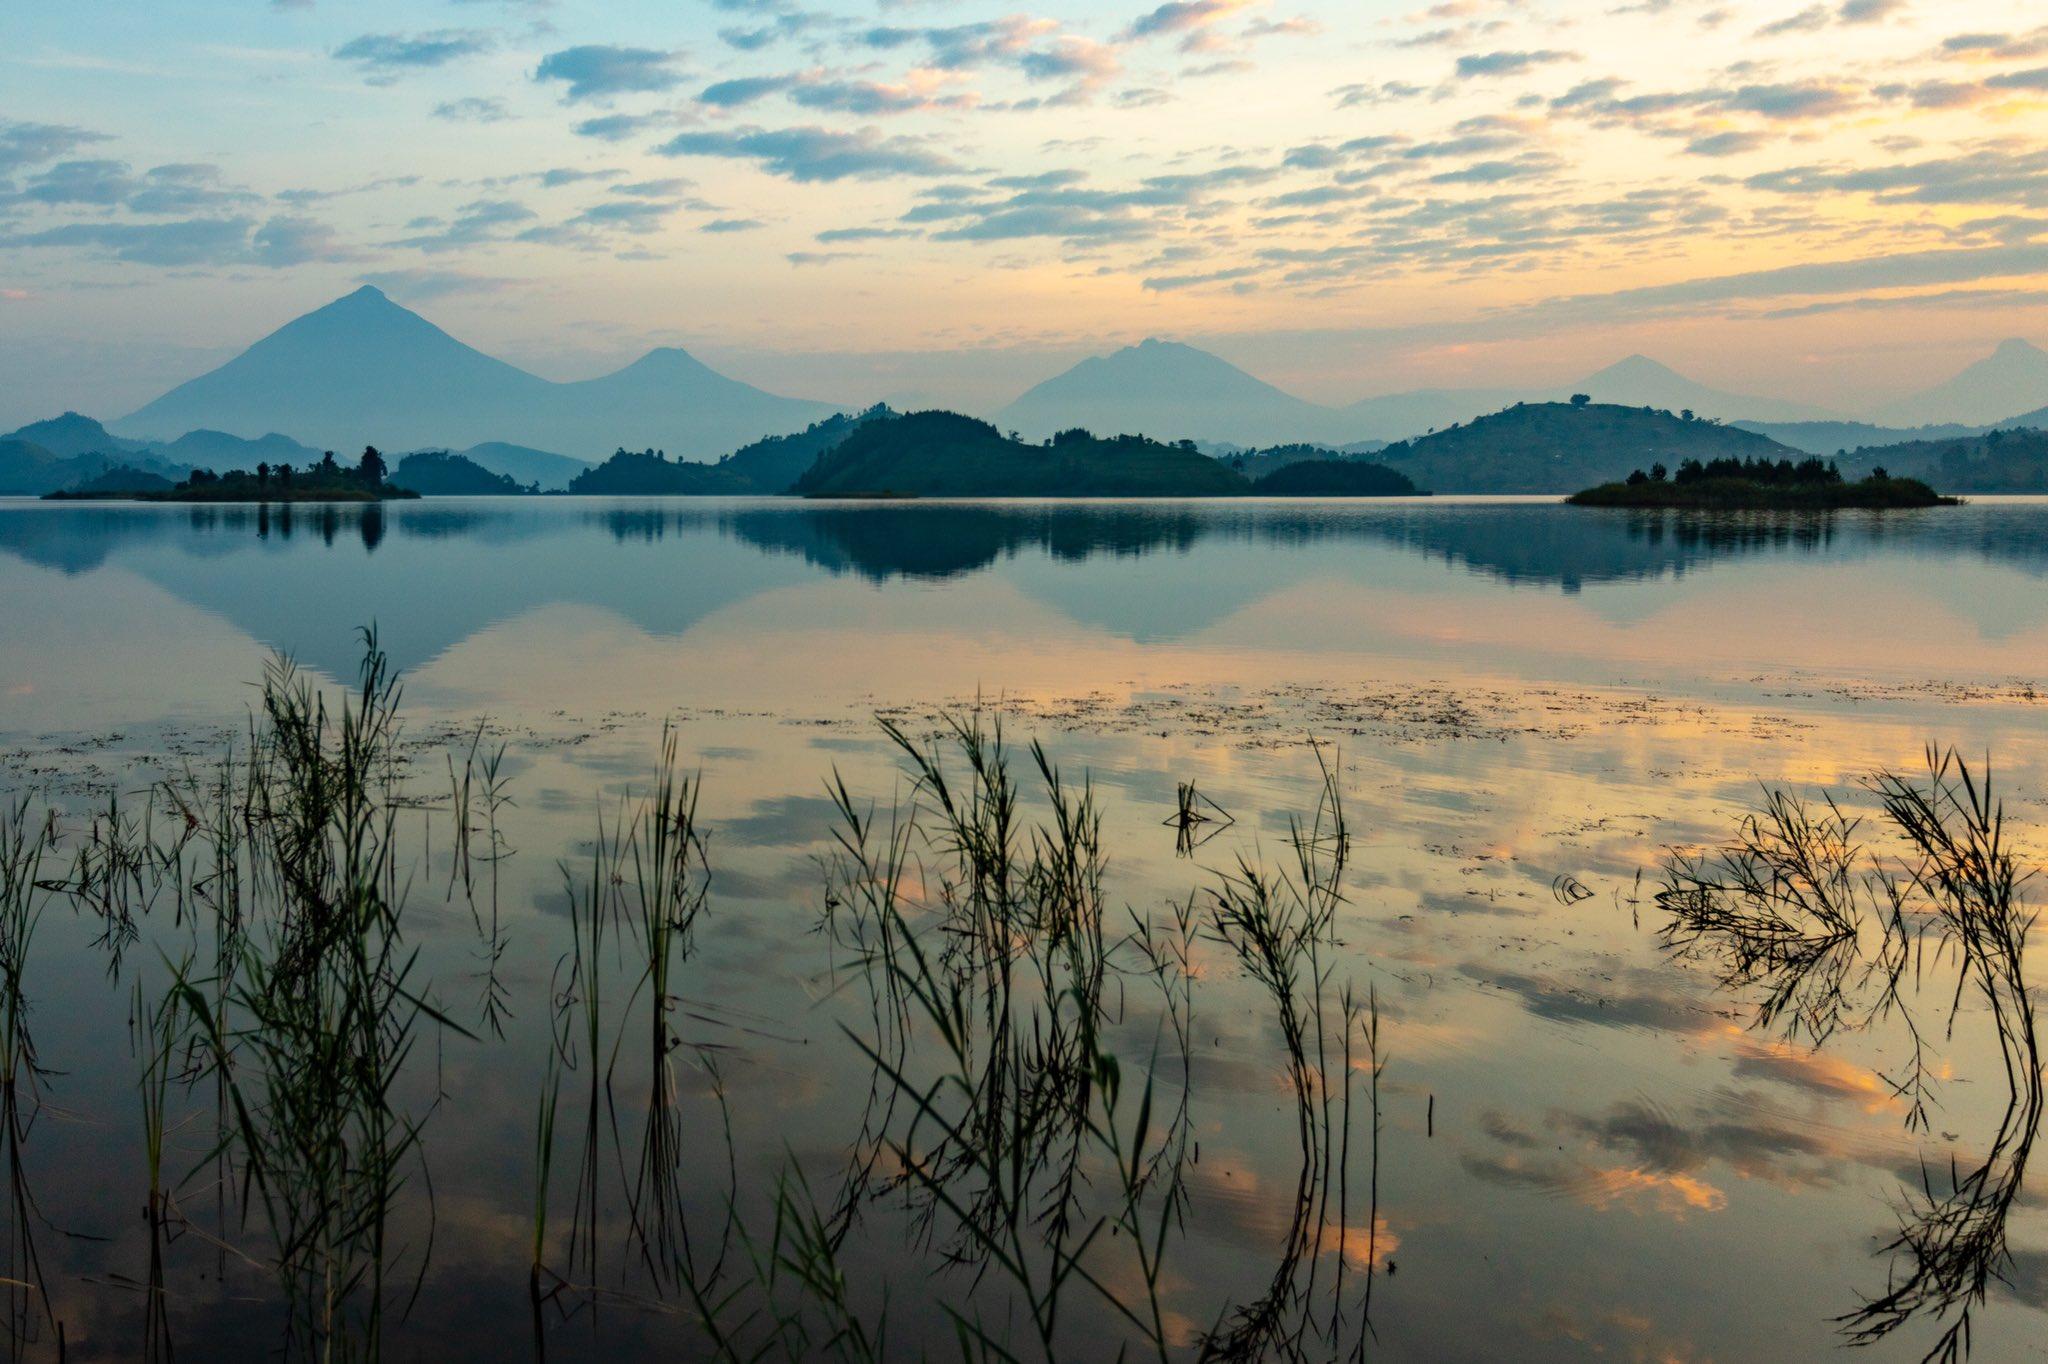 Uganda canoe trip: Sunrise or sunset canoeing at Lake Mutanda